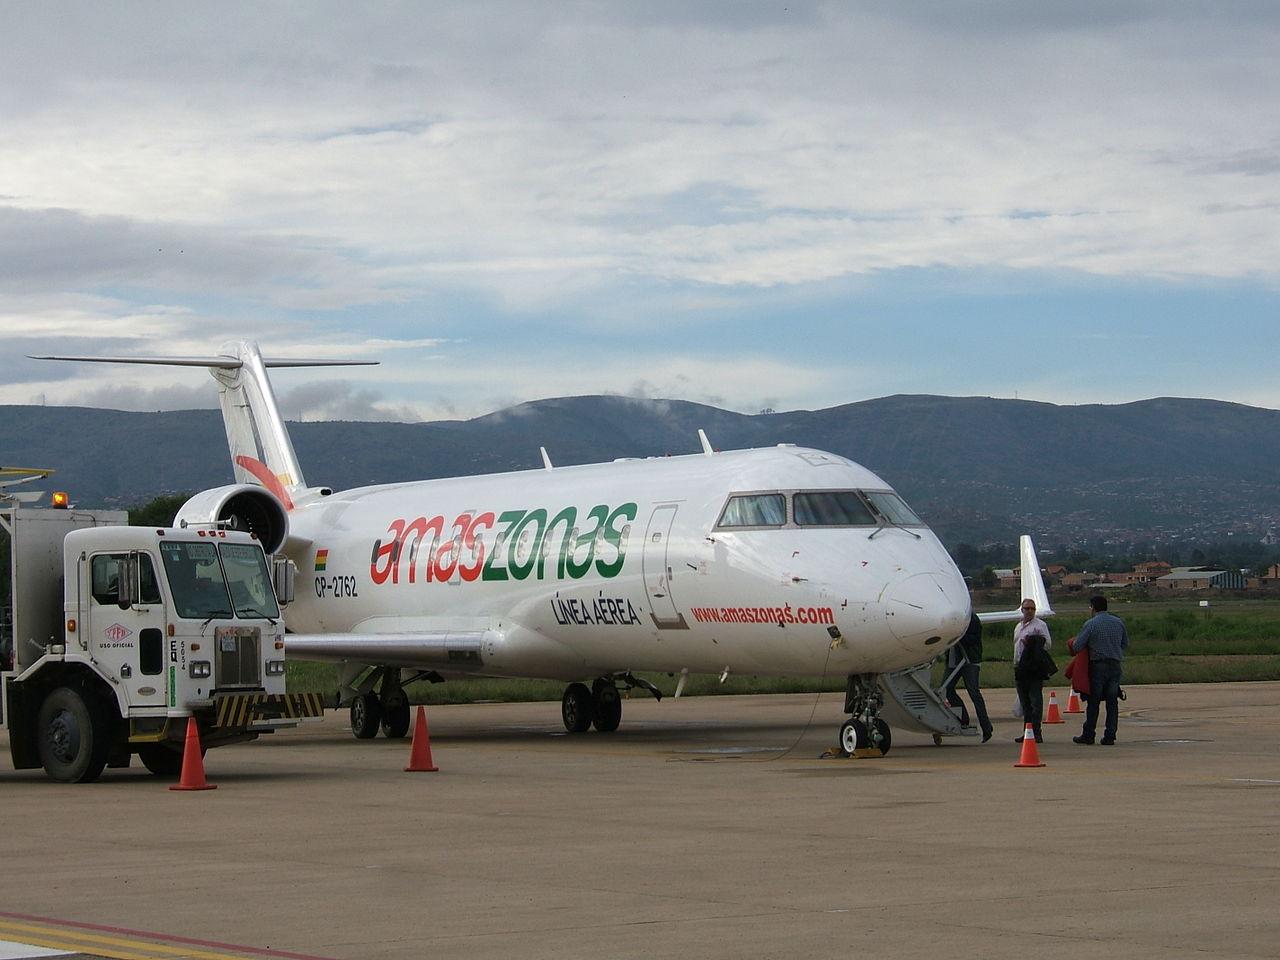 Amaszonas lança voo de Foz do Iguaçu para Bolívia